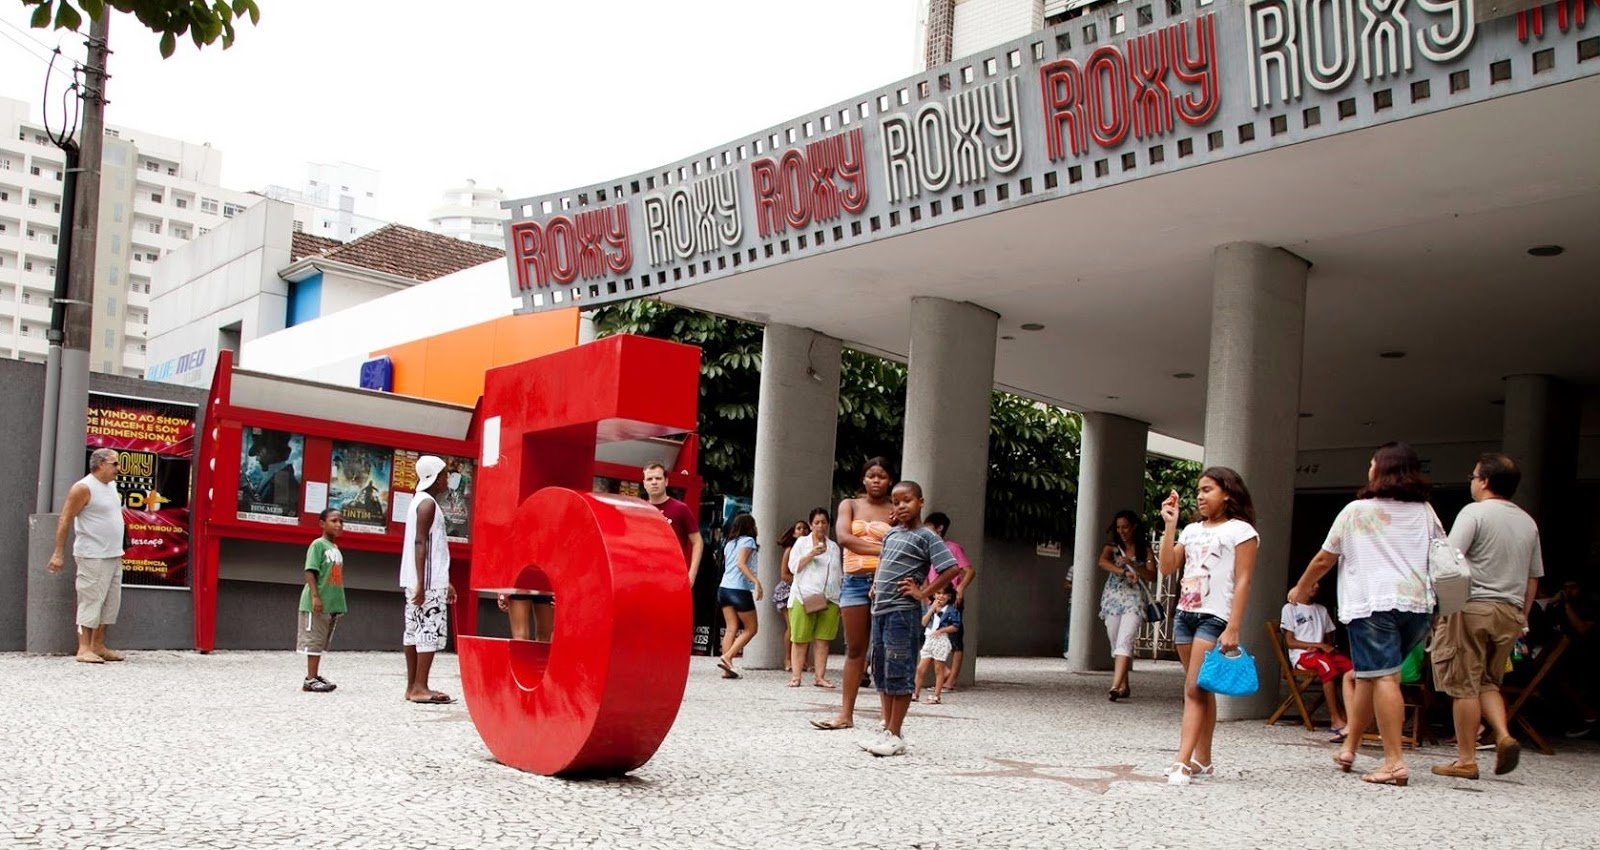 PROJETO INCENTIVA CINEMA DE RUA E PODE AFASTAR RISCO DE FECHAMENTO DO ROXY